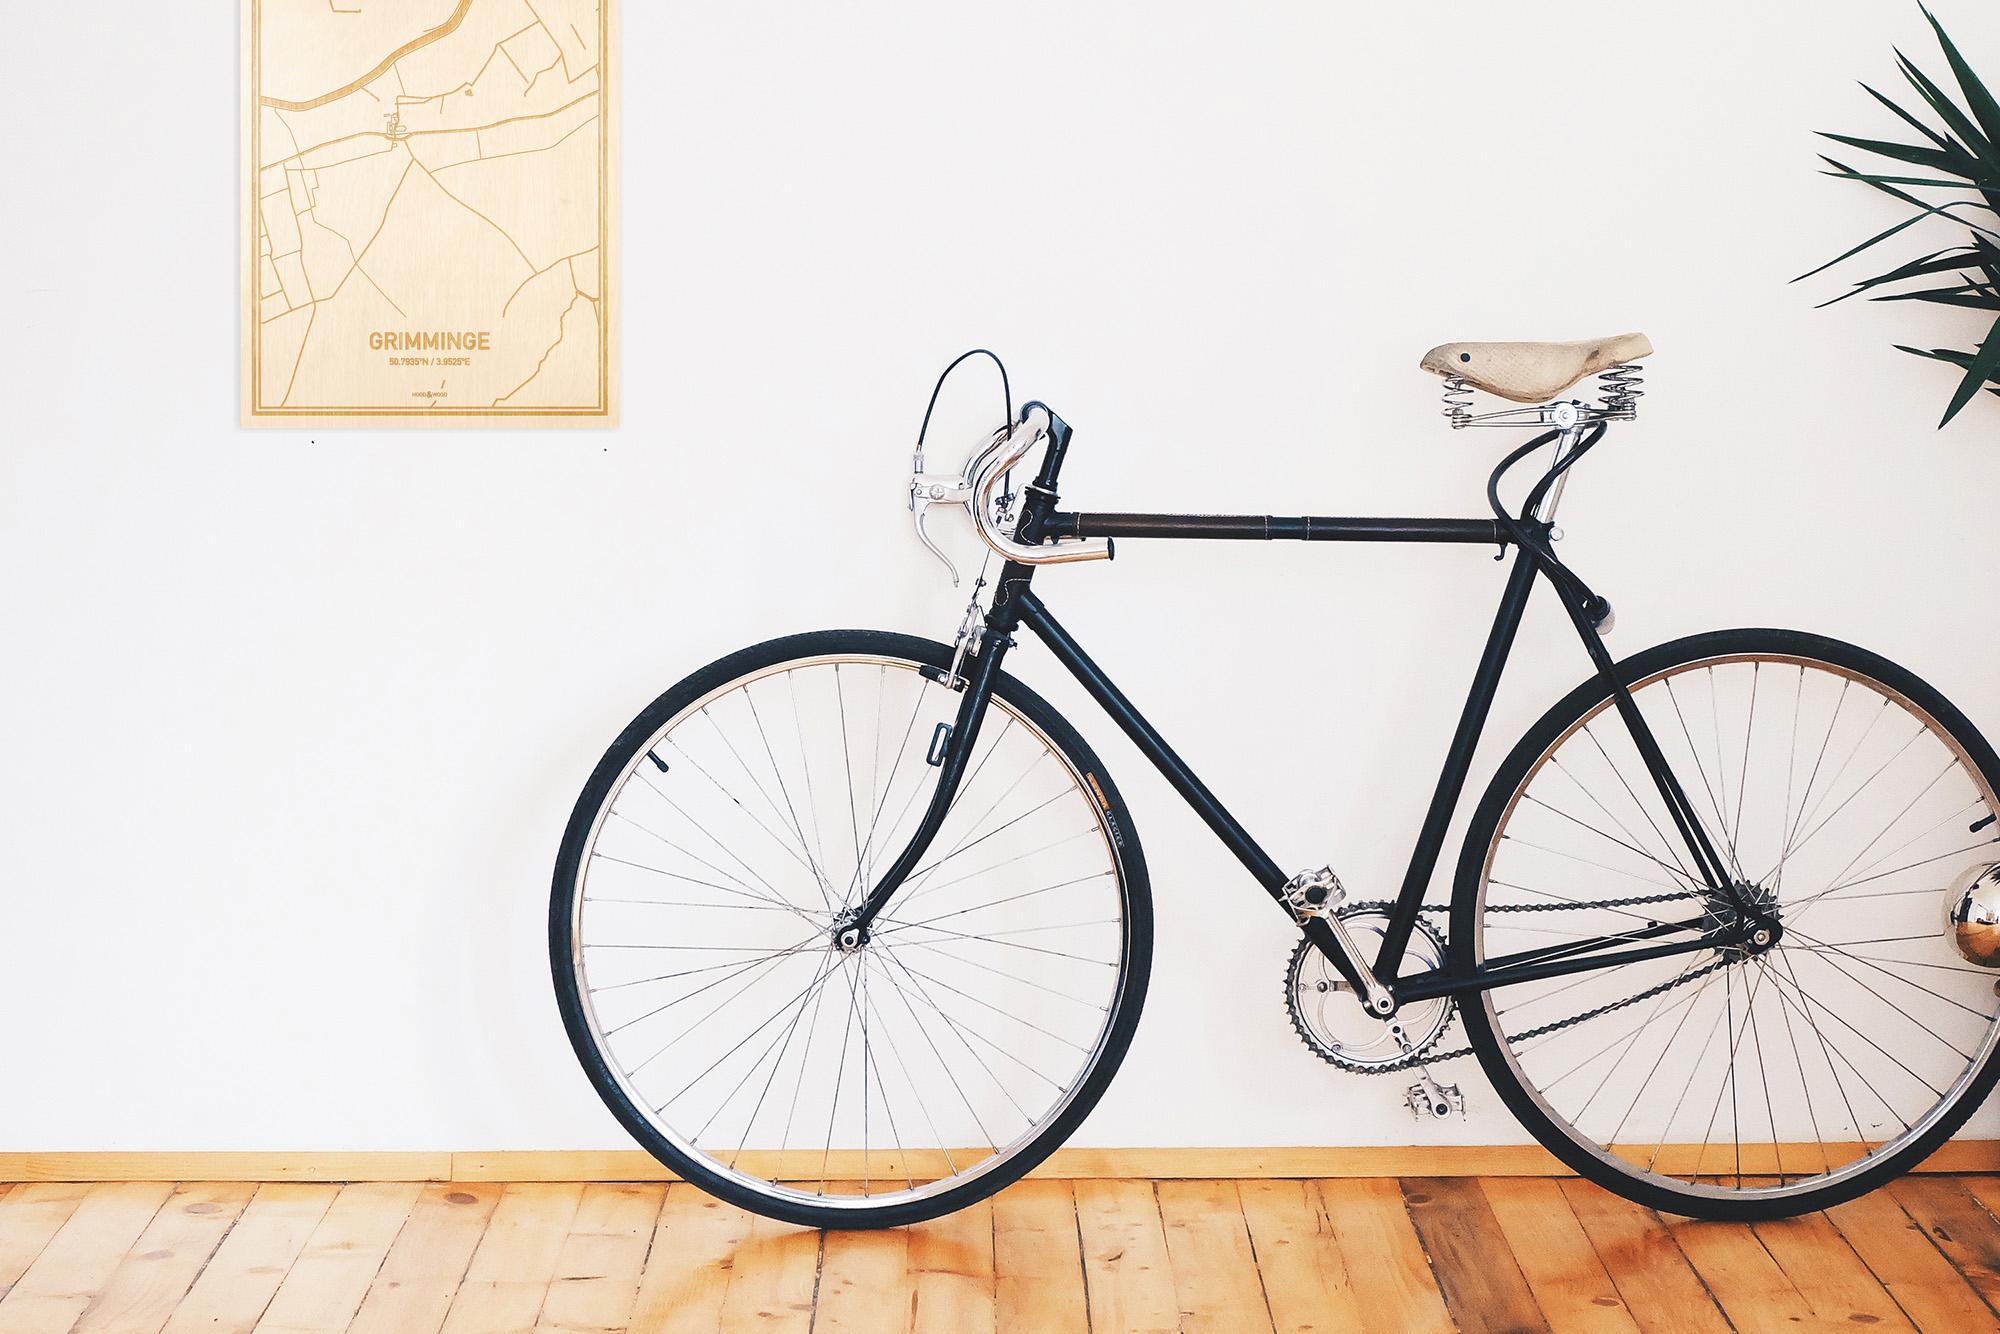 Een snelle fiets in een uniek interieur in Oost-Vlaanderen  met mooie decoratie zoals de plattegrond Grimminge.